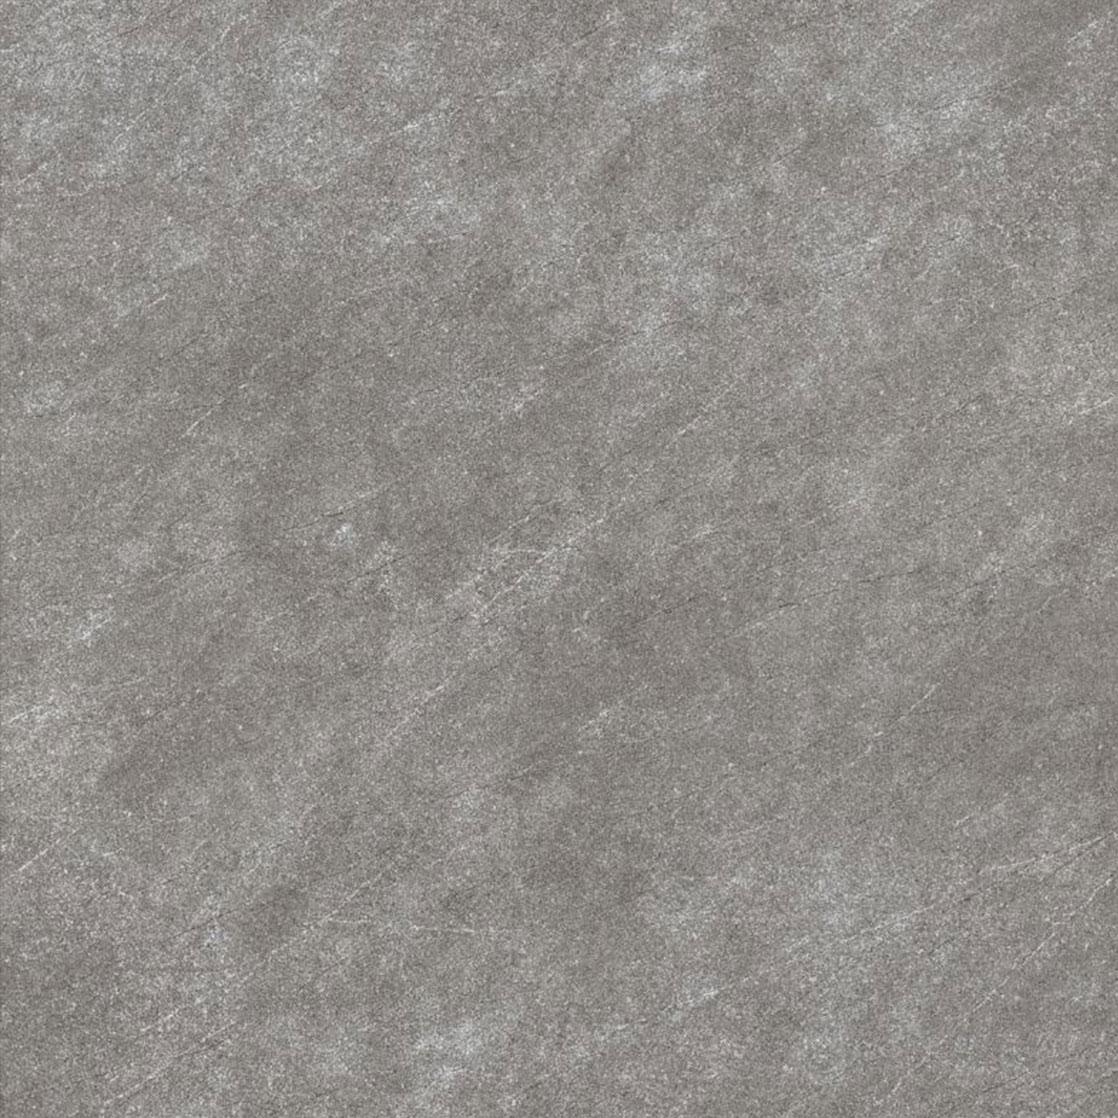 Gạch lát nền men Matt Viglacera KHP6908M giá rẻ